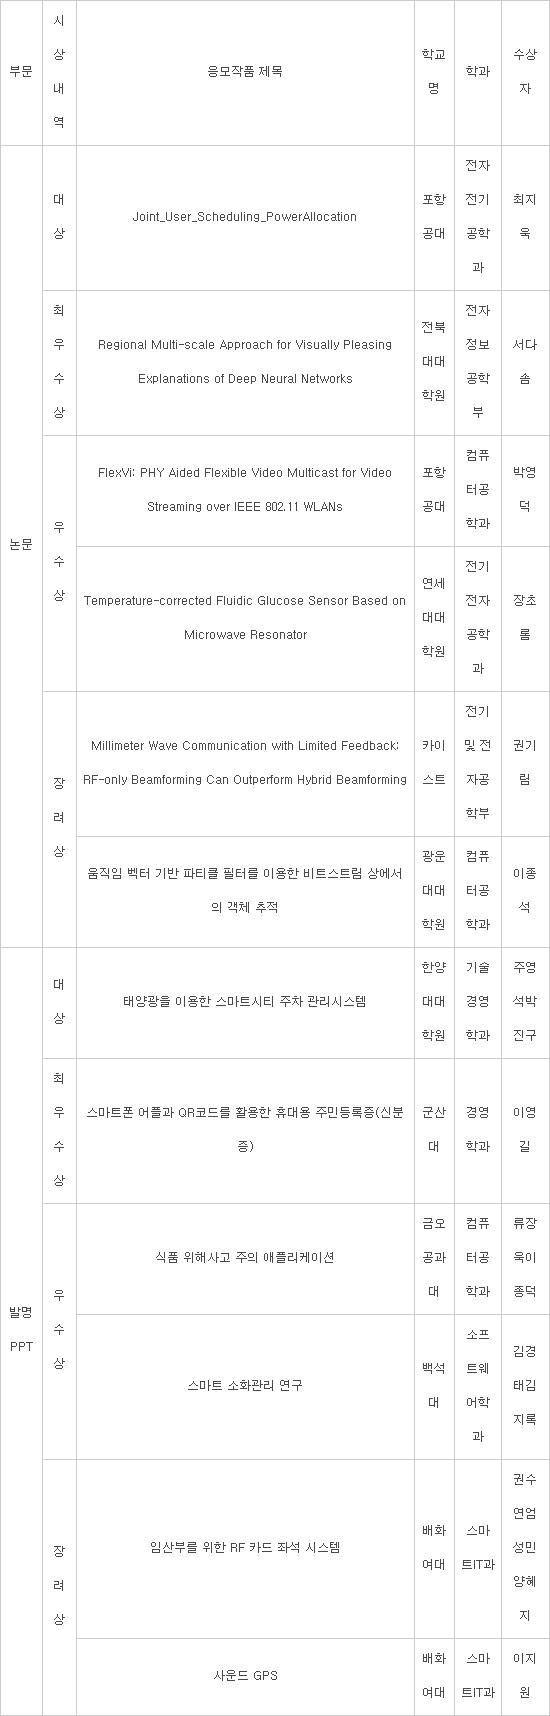 [제10회 대학(원)생 ICT논문&발명PPT 공모전]미래 인재 아이디어 발굴 10년